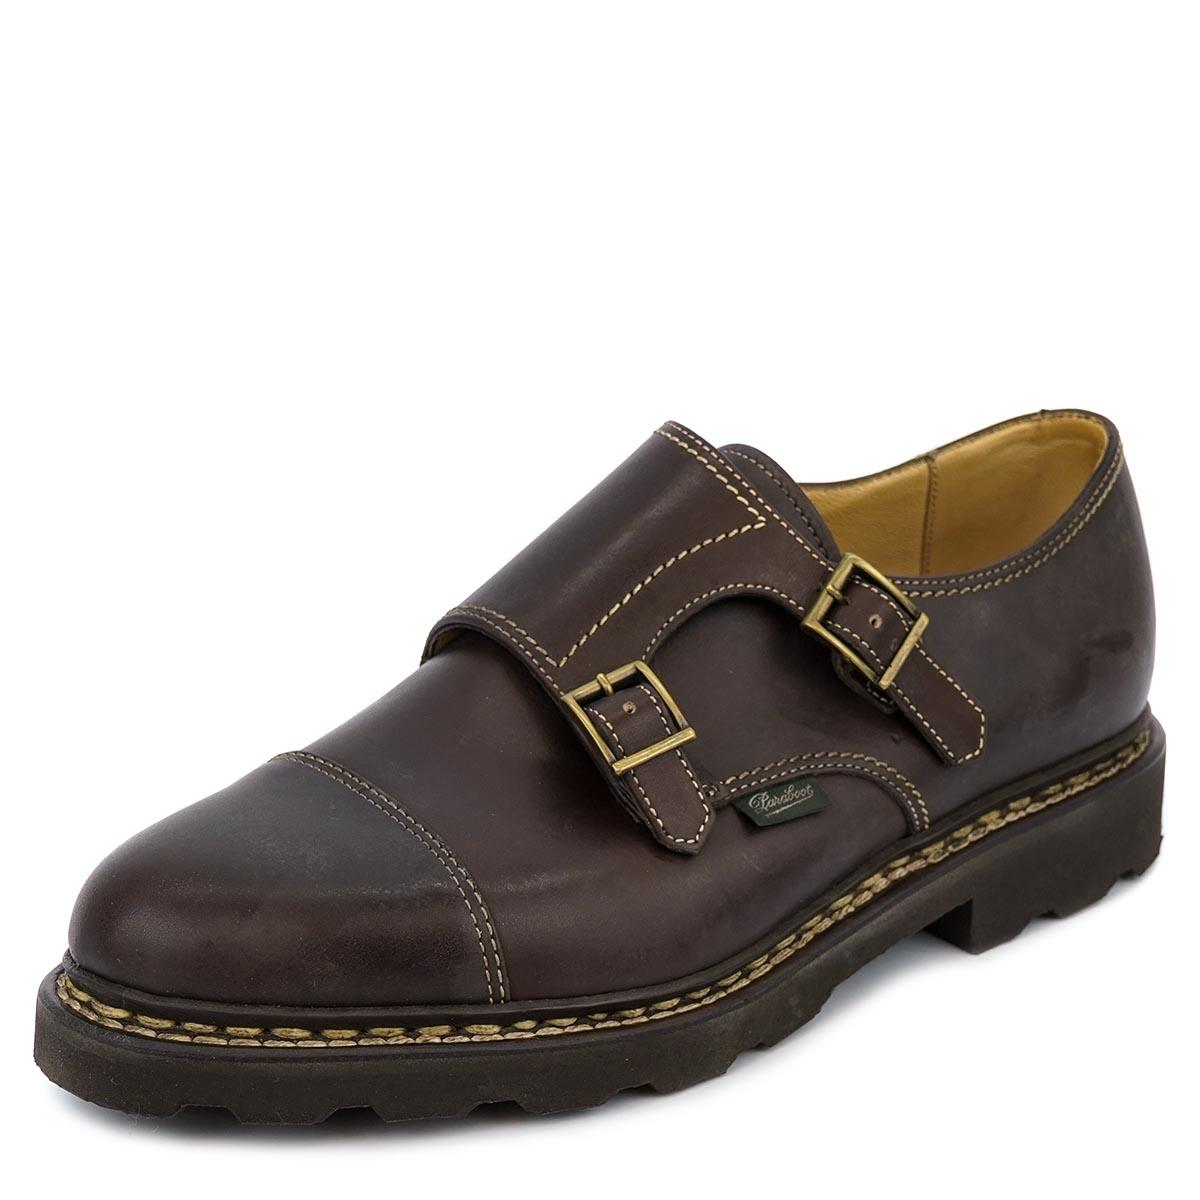 PARABOOT パラブーツ 革靴 WILLIAM ウィリアム 981413 メンズ 男性 靴 ローファー シューズ Cafe ダークブラウン サイズ9.5 【送料無料 並行輸入品】